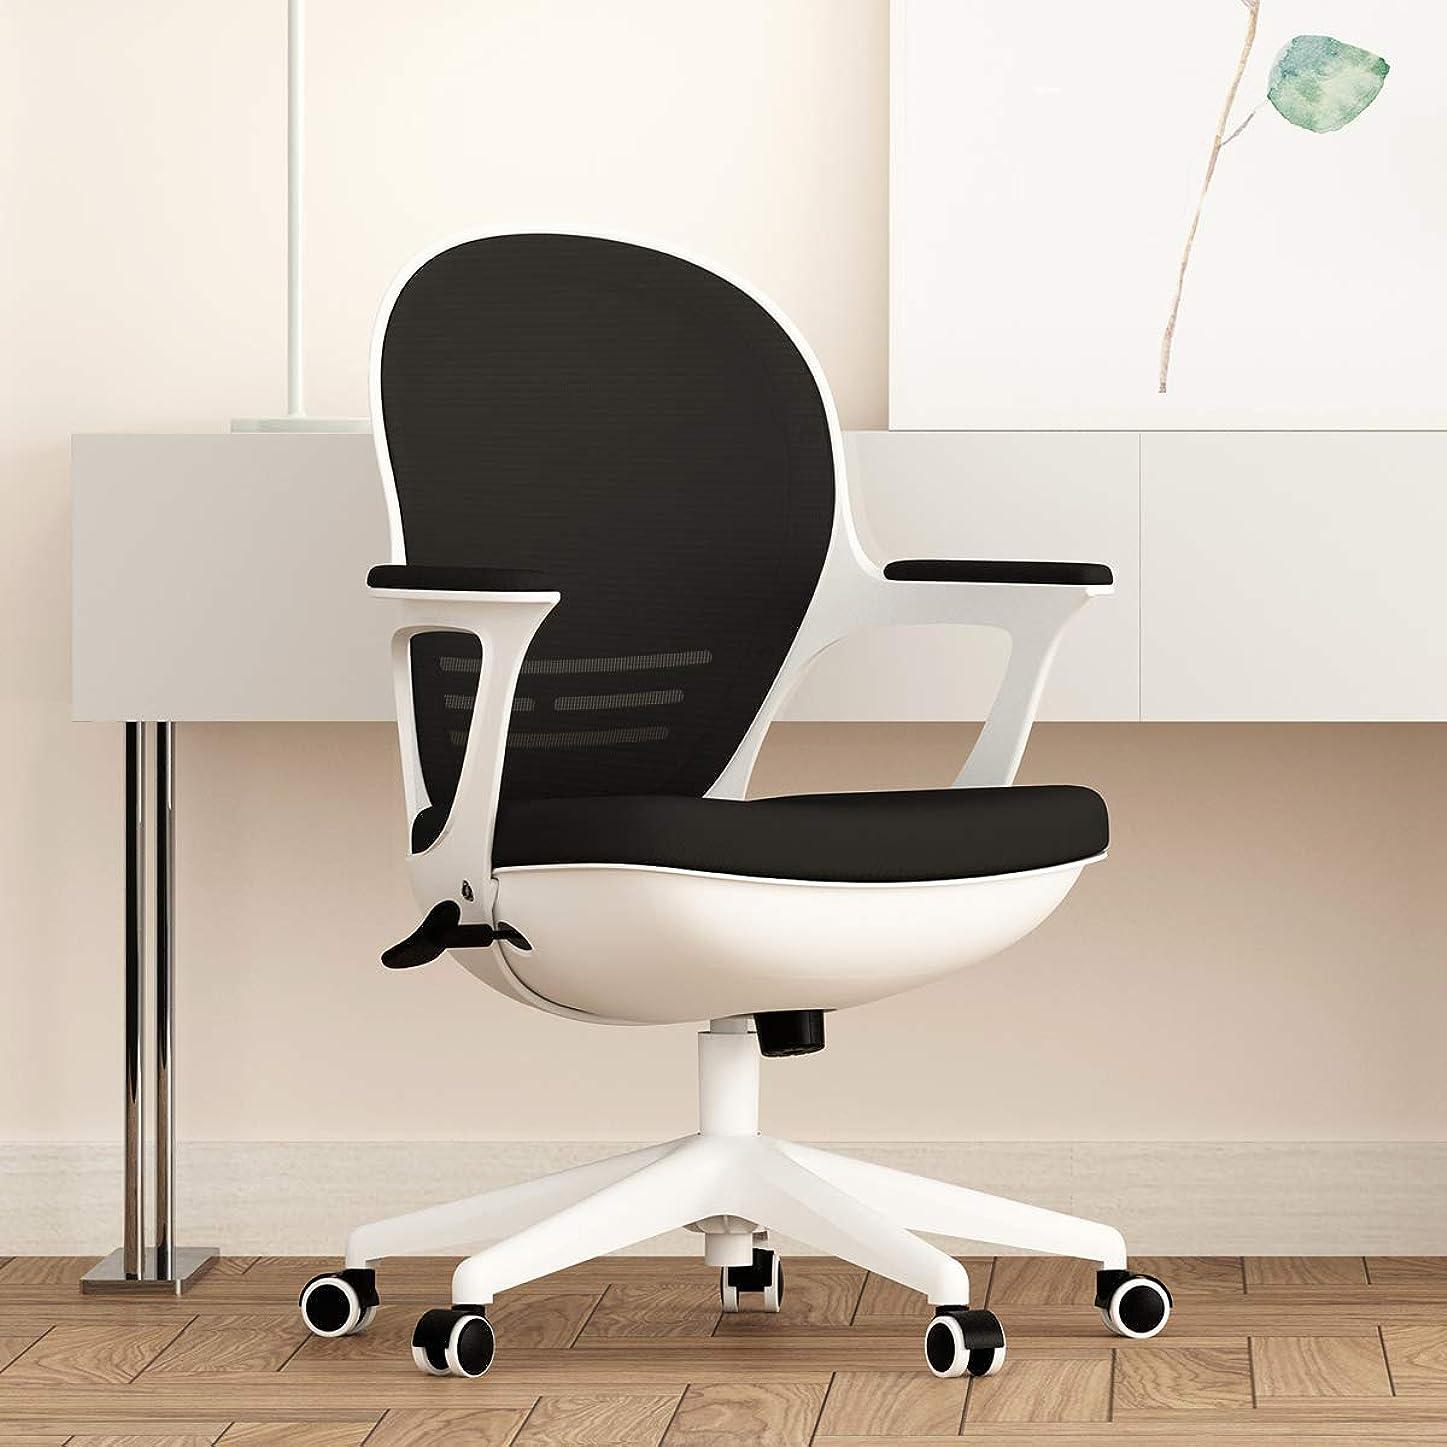 マークされたクラックポット確かめるHbada オフィスチェア デスクチェア 椅子 コンパクト メッシュチェア 組み立てる簡単 約120度ロッキング 肉厚クッション 静音PUキャスター 通気性 360度回転 「一年無償部品交換保証」